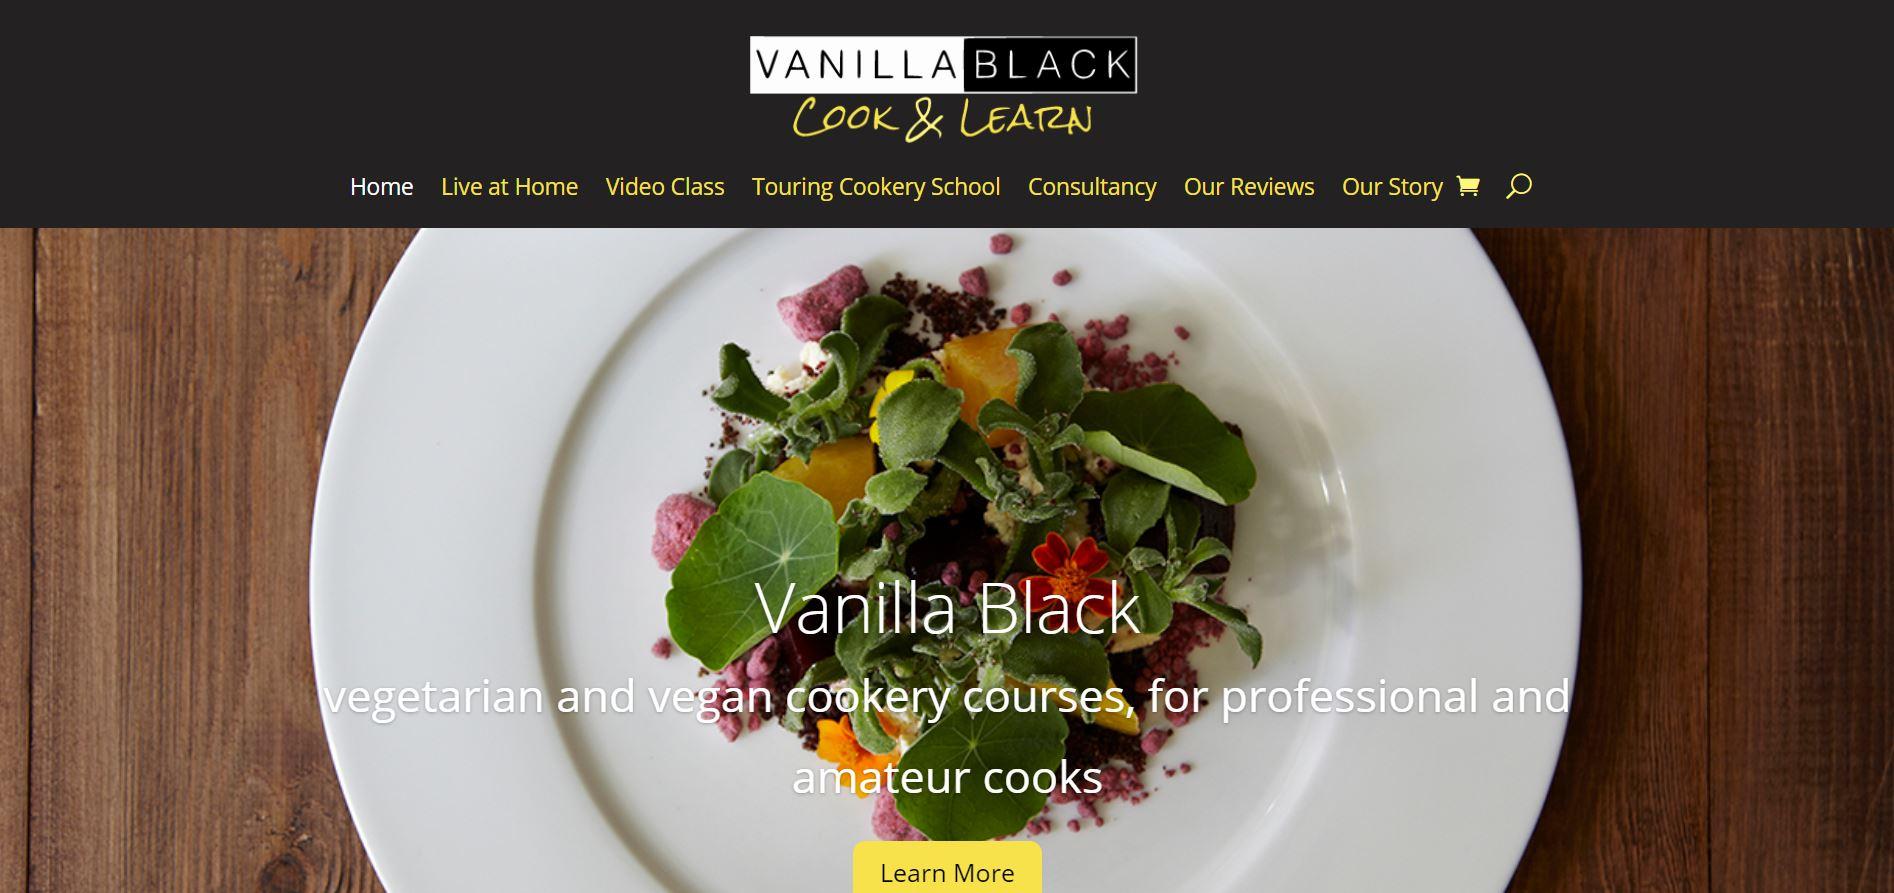 Vanilla Black Restaurant